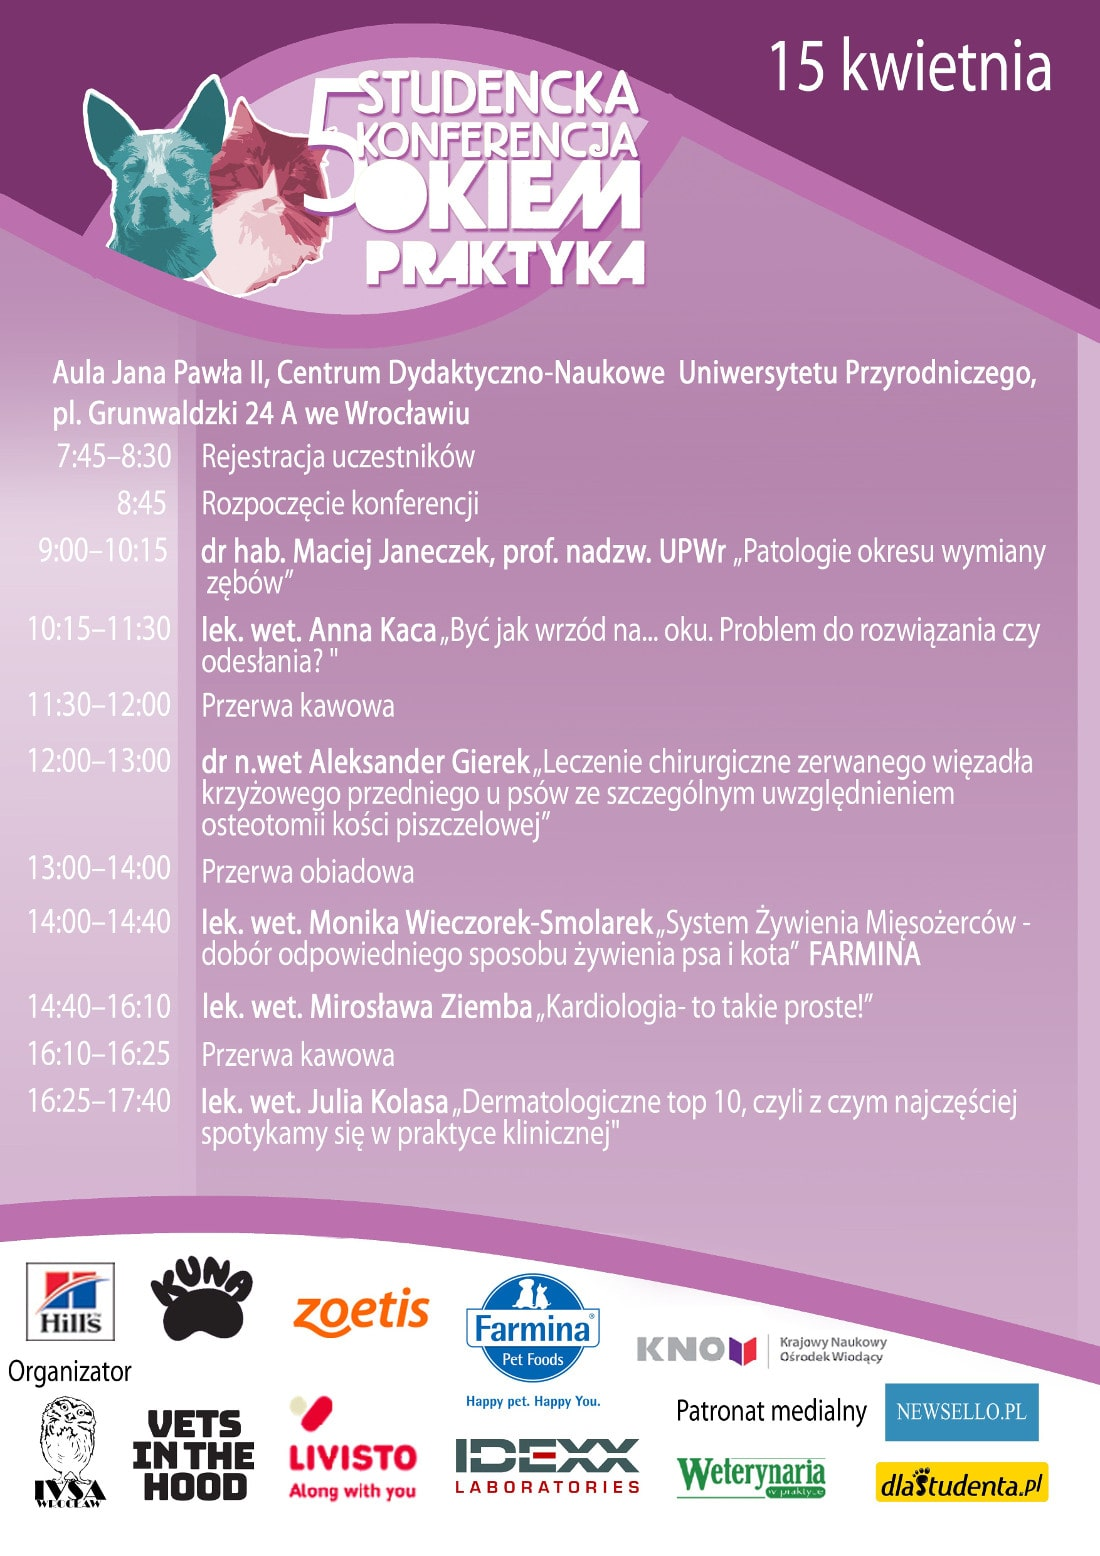 Studencka konferencja odbędzie się 15 kwietnia 2018 roku.